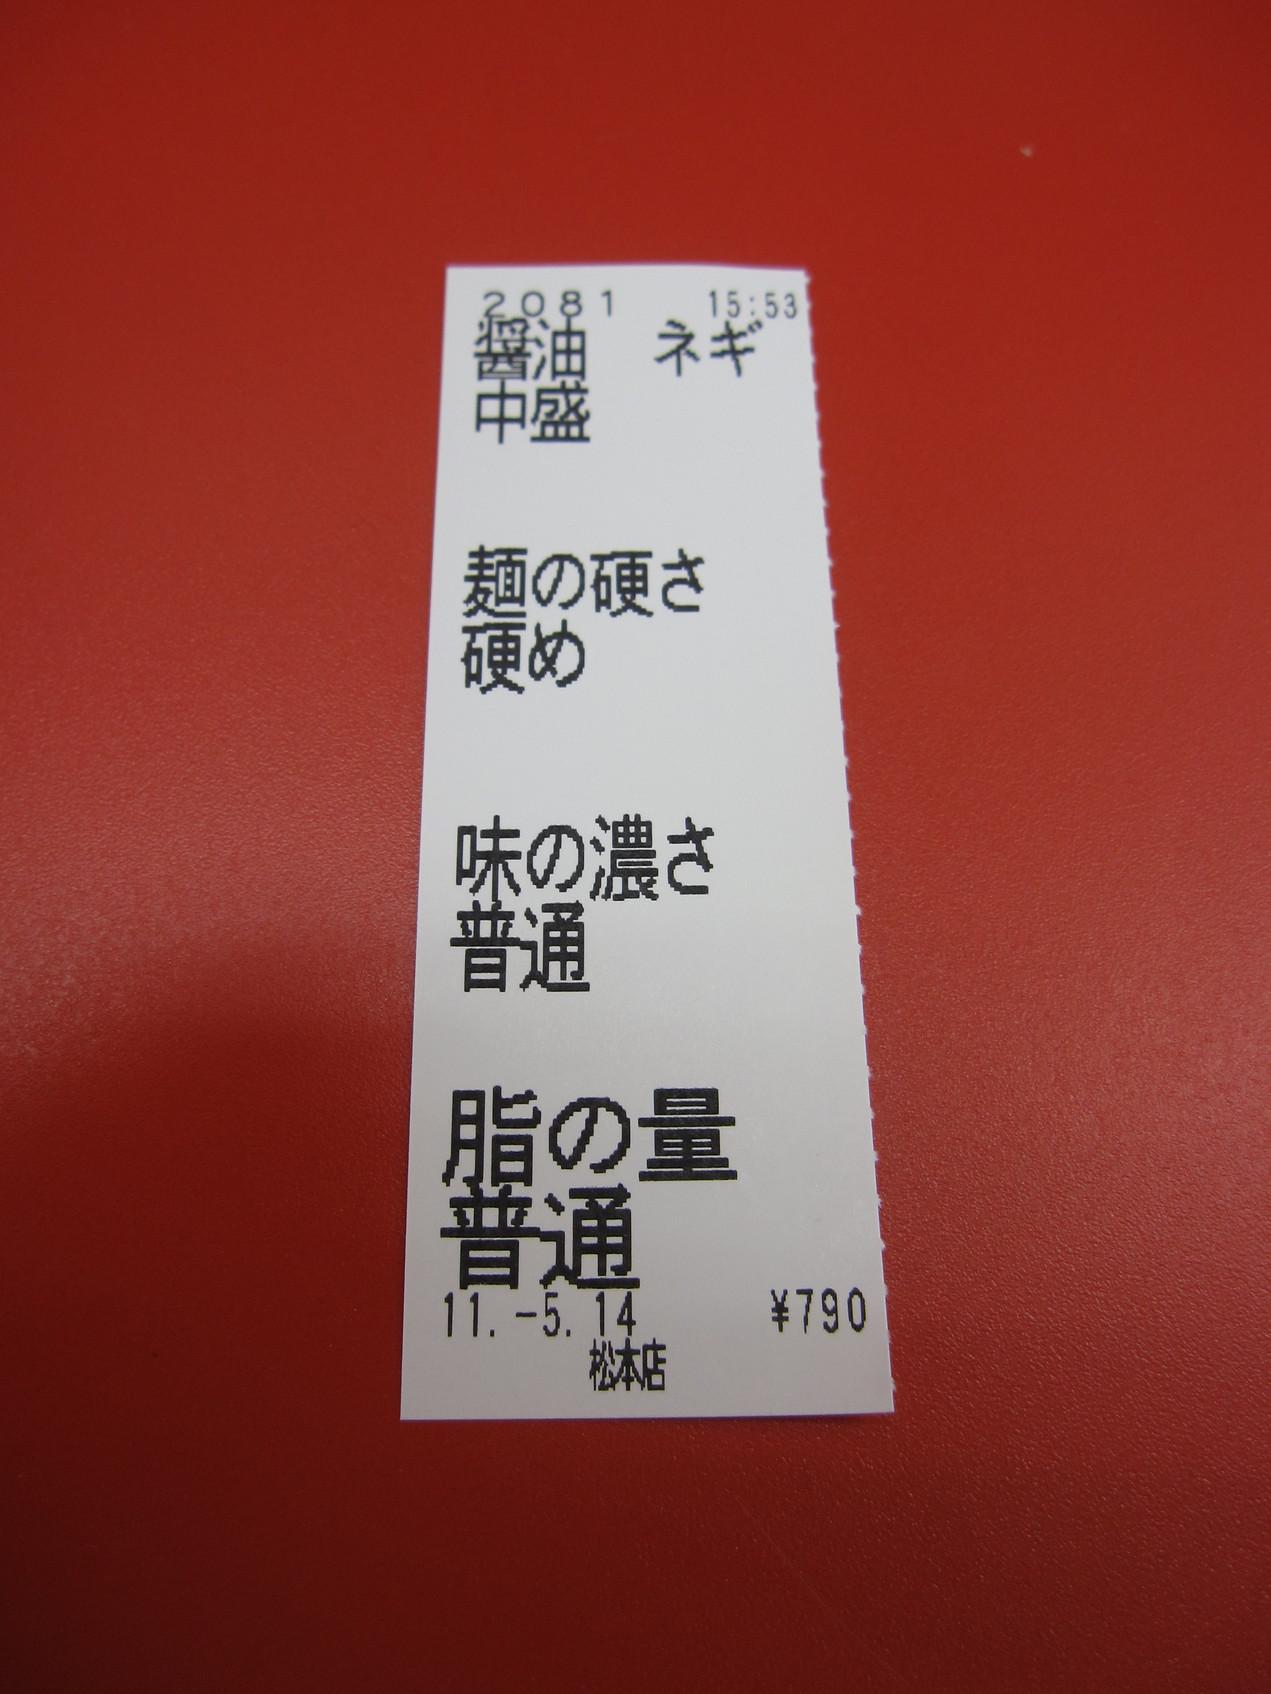 山岡家 松本店 name=